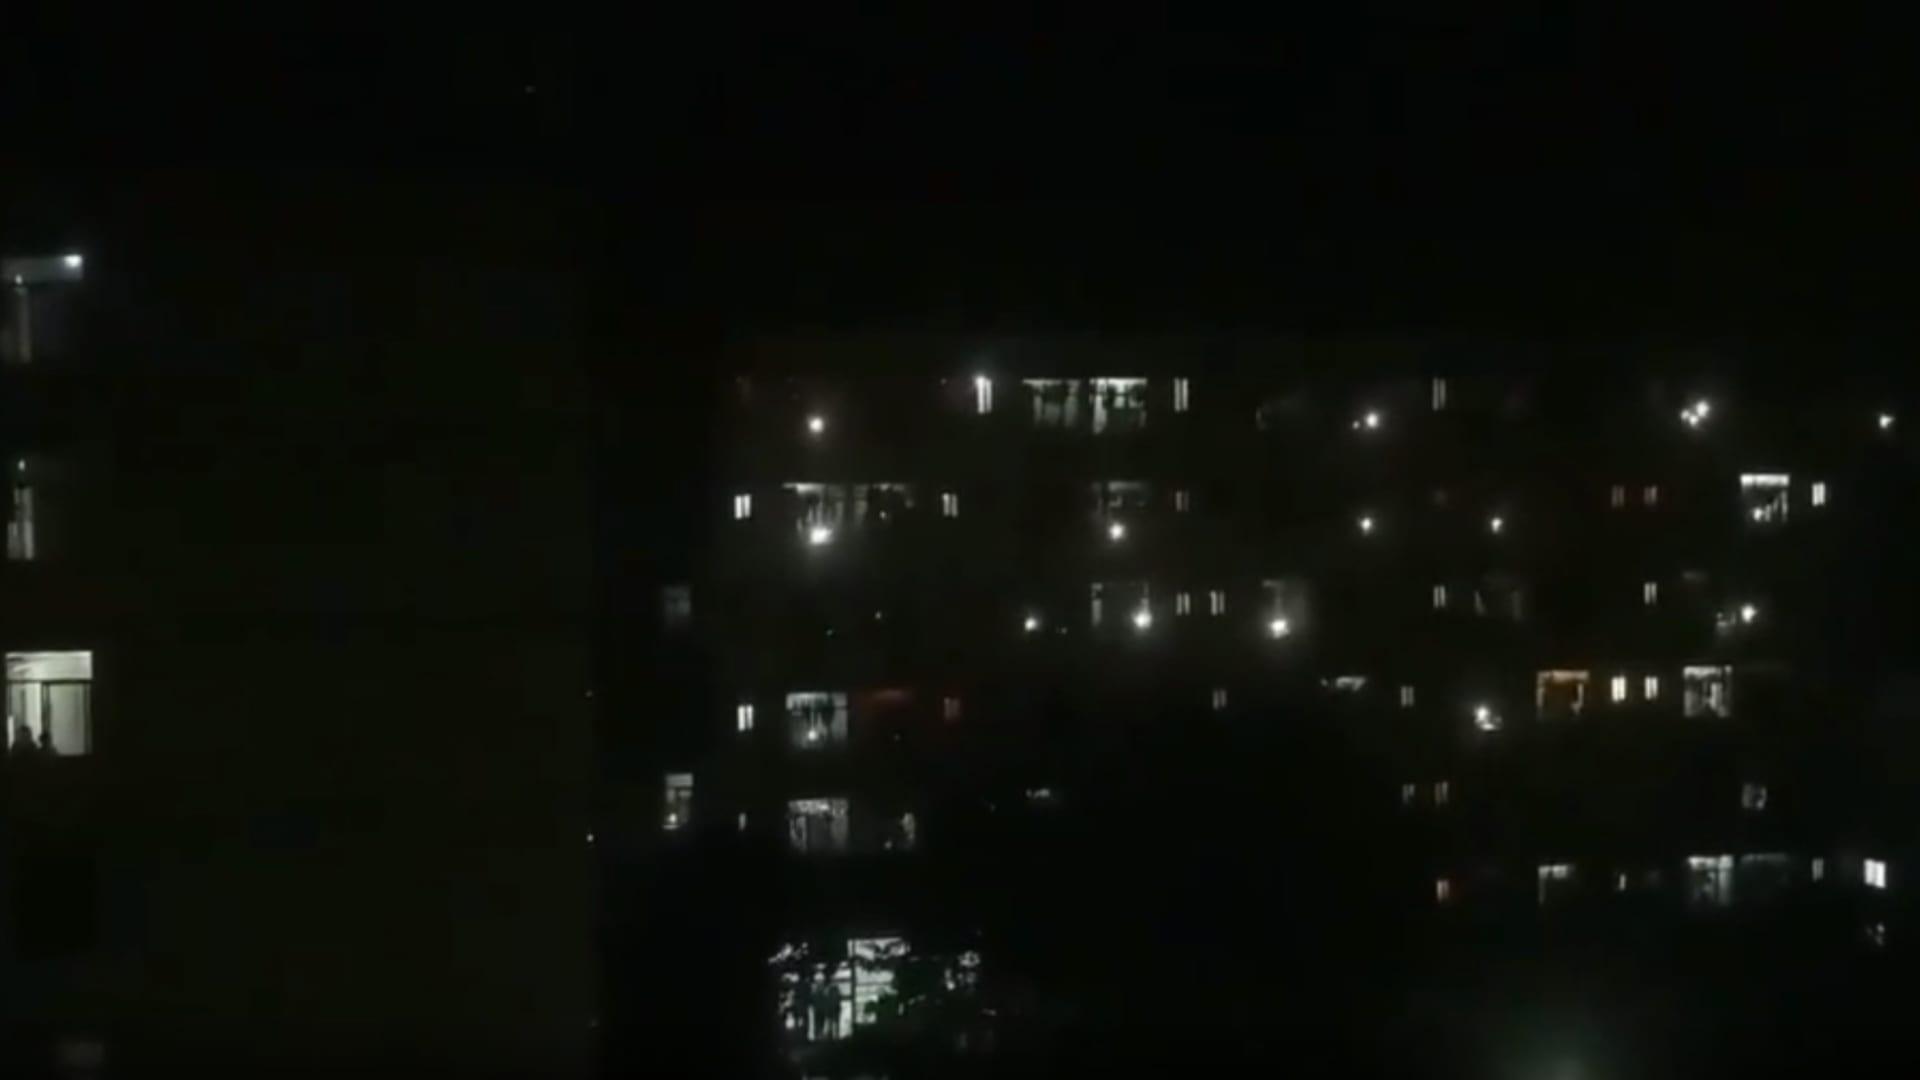 كاميرا ترصد صراخ ليلي من داخل جامعة صينية